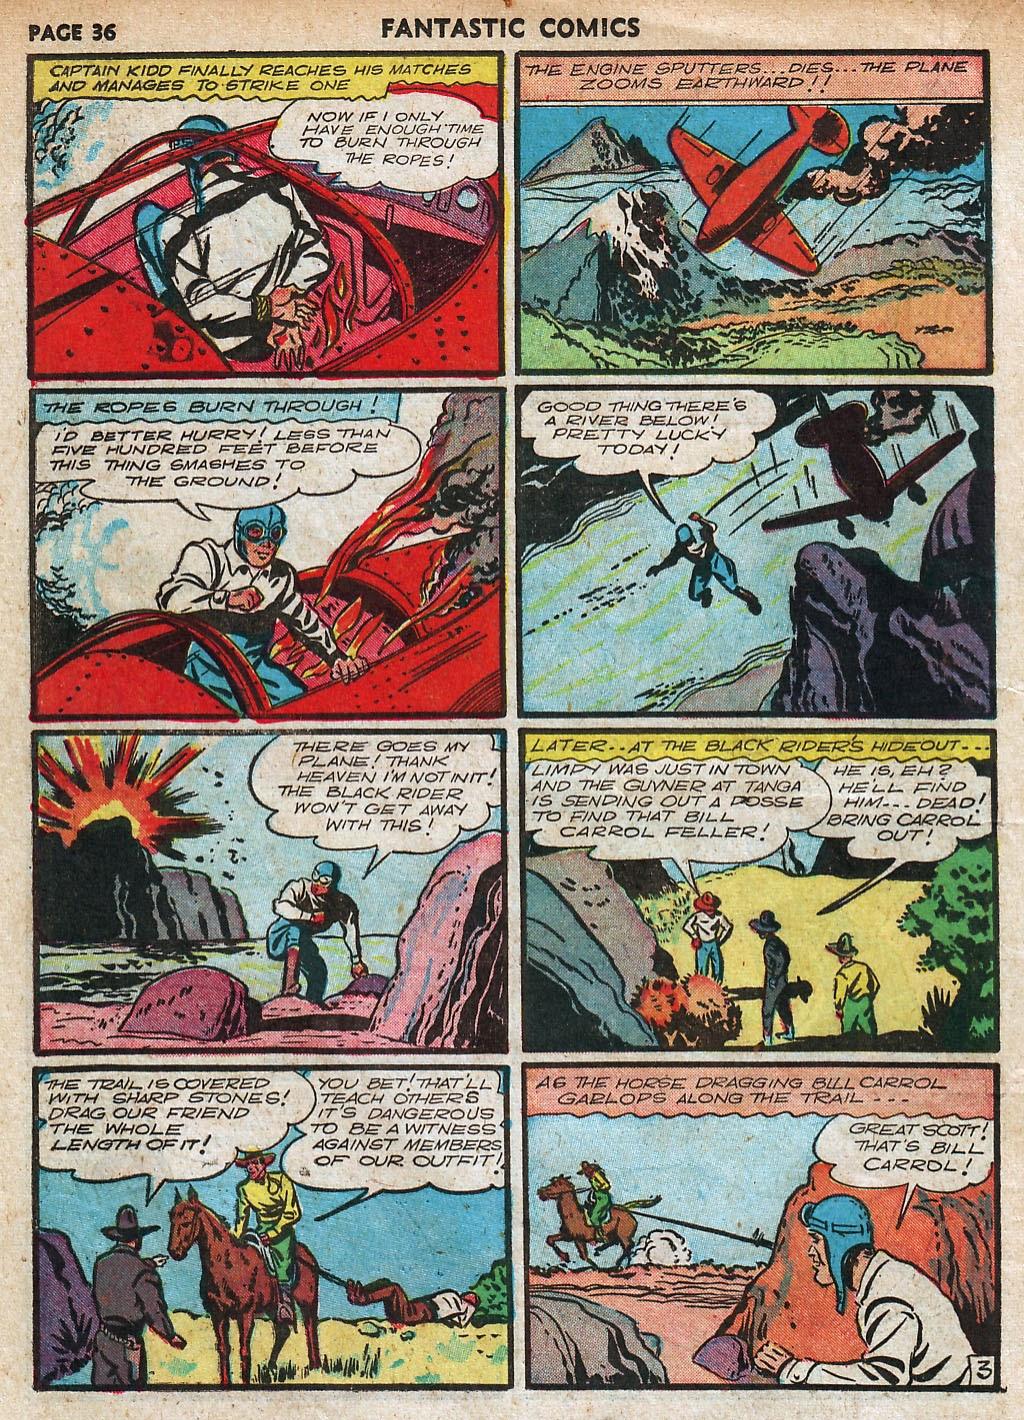 Read online Fantastic Comics comic -  Issue #18 - 38